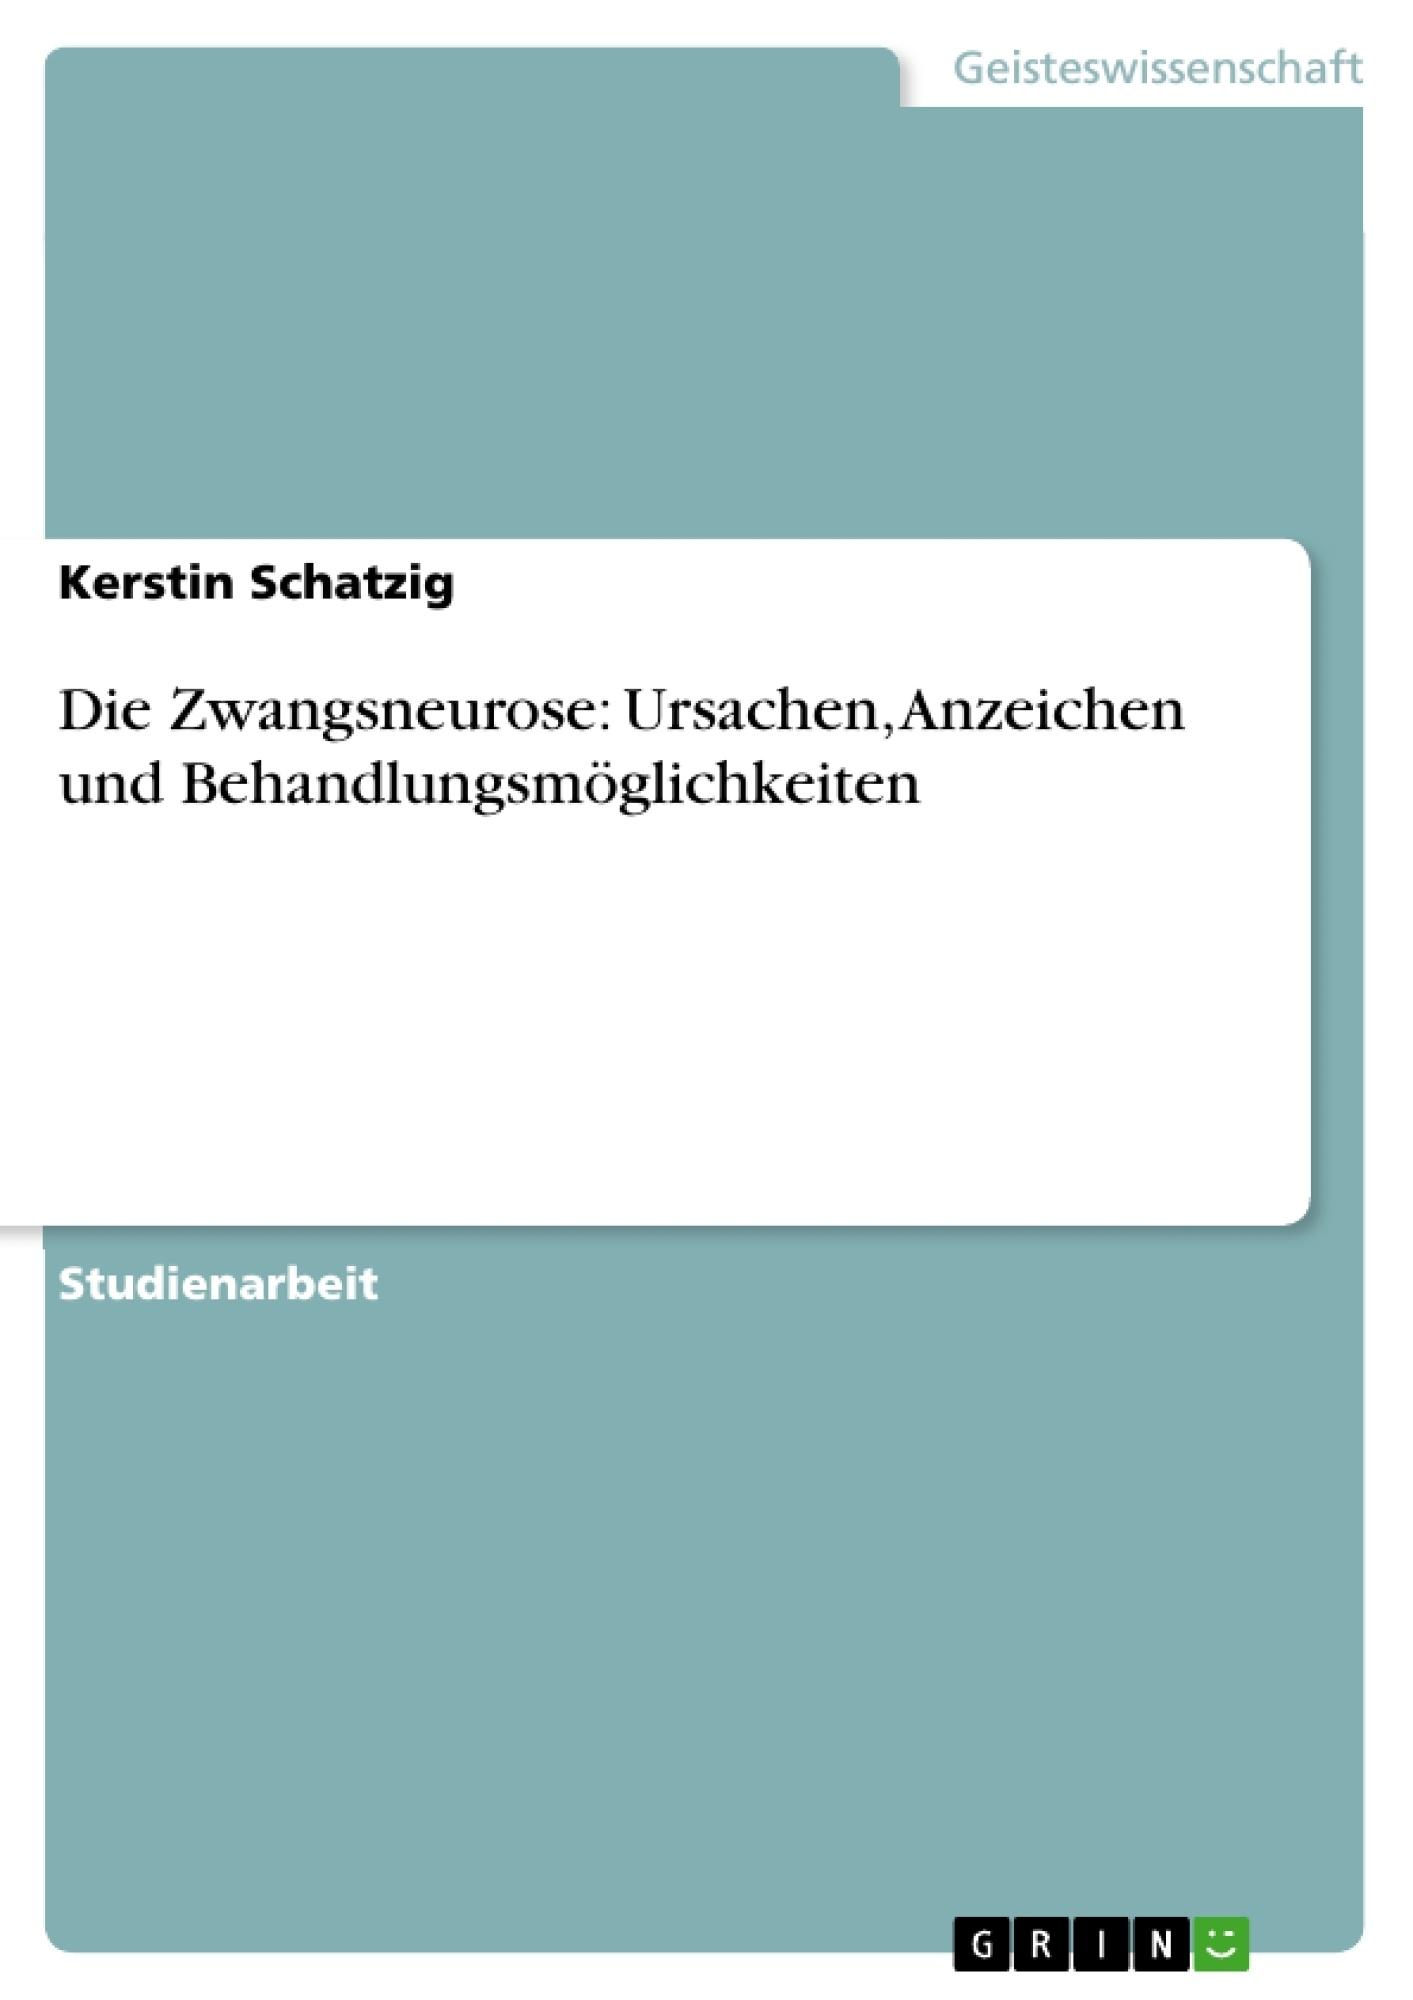 Titel: Die Zwangsneurose: Ursachen, Anzeichen und Behandlungsmöglichkeiten